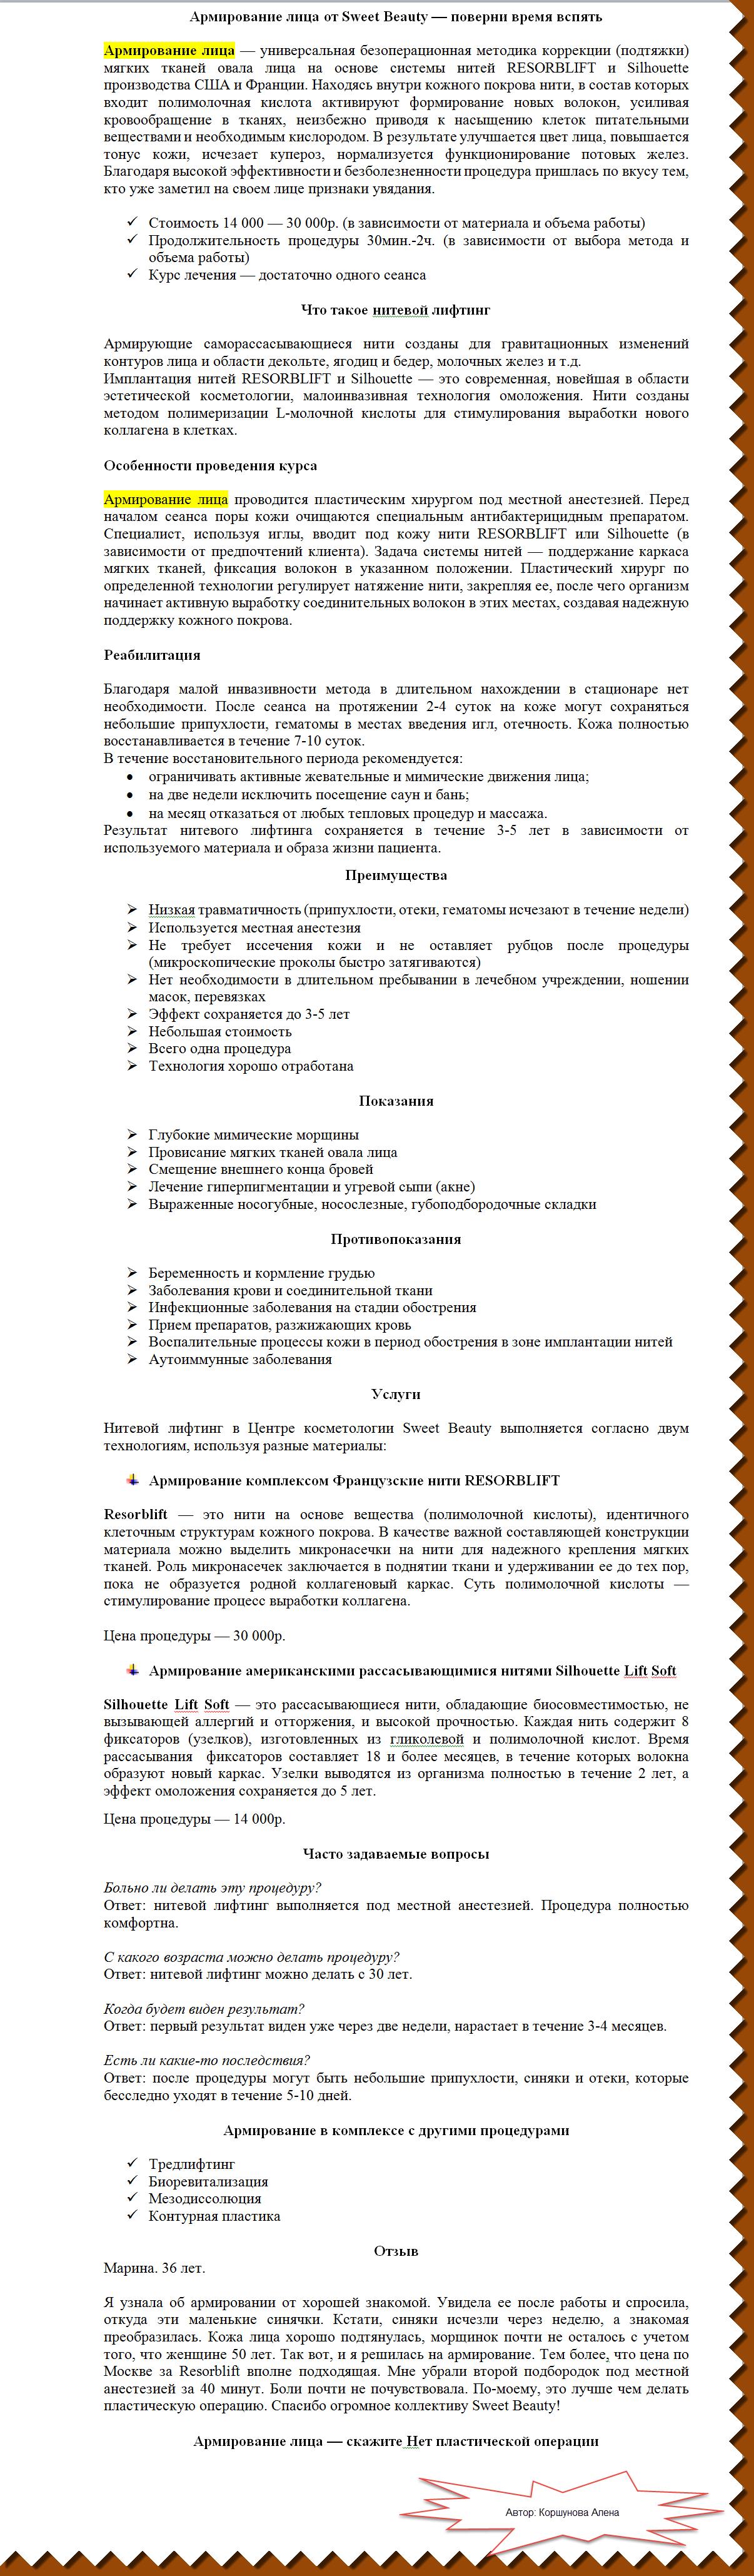 Косметология: армирование лица (для раздела сайта)